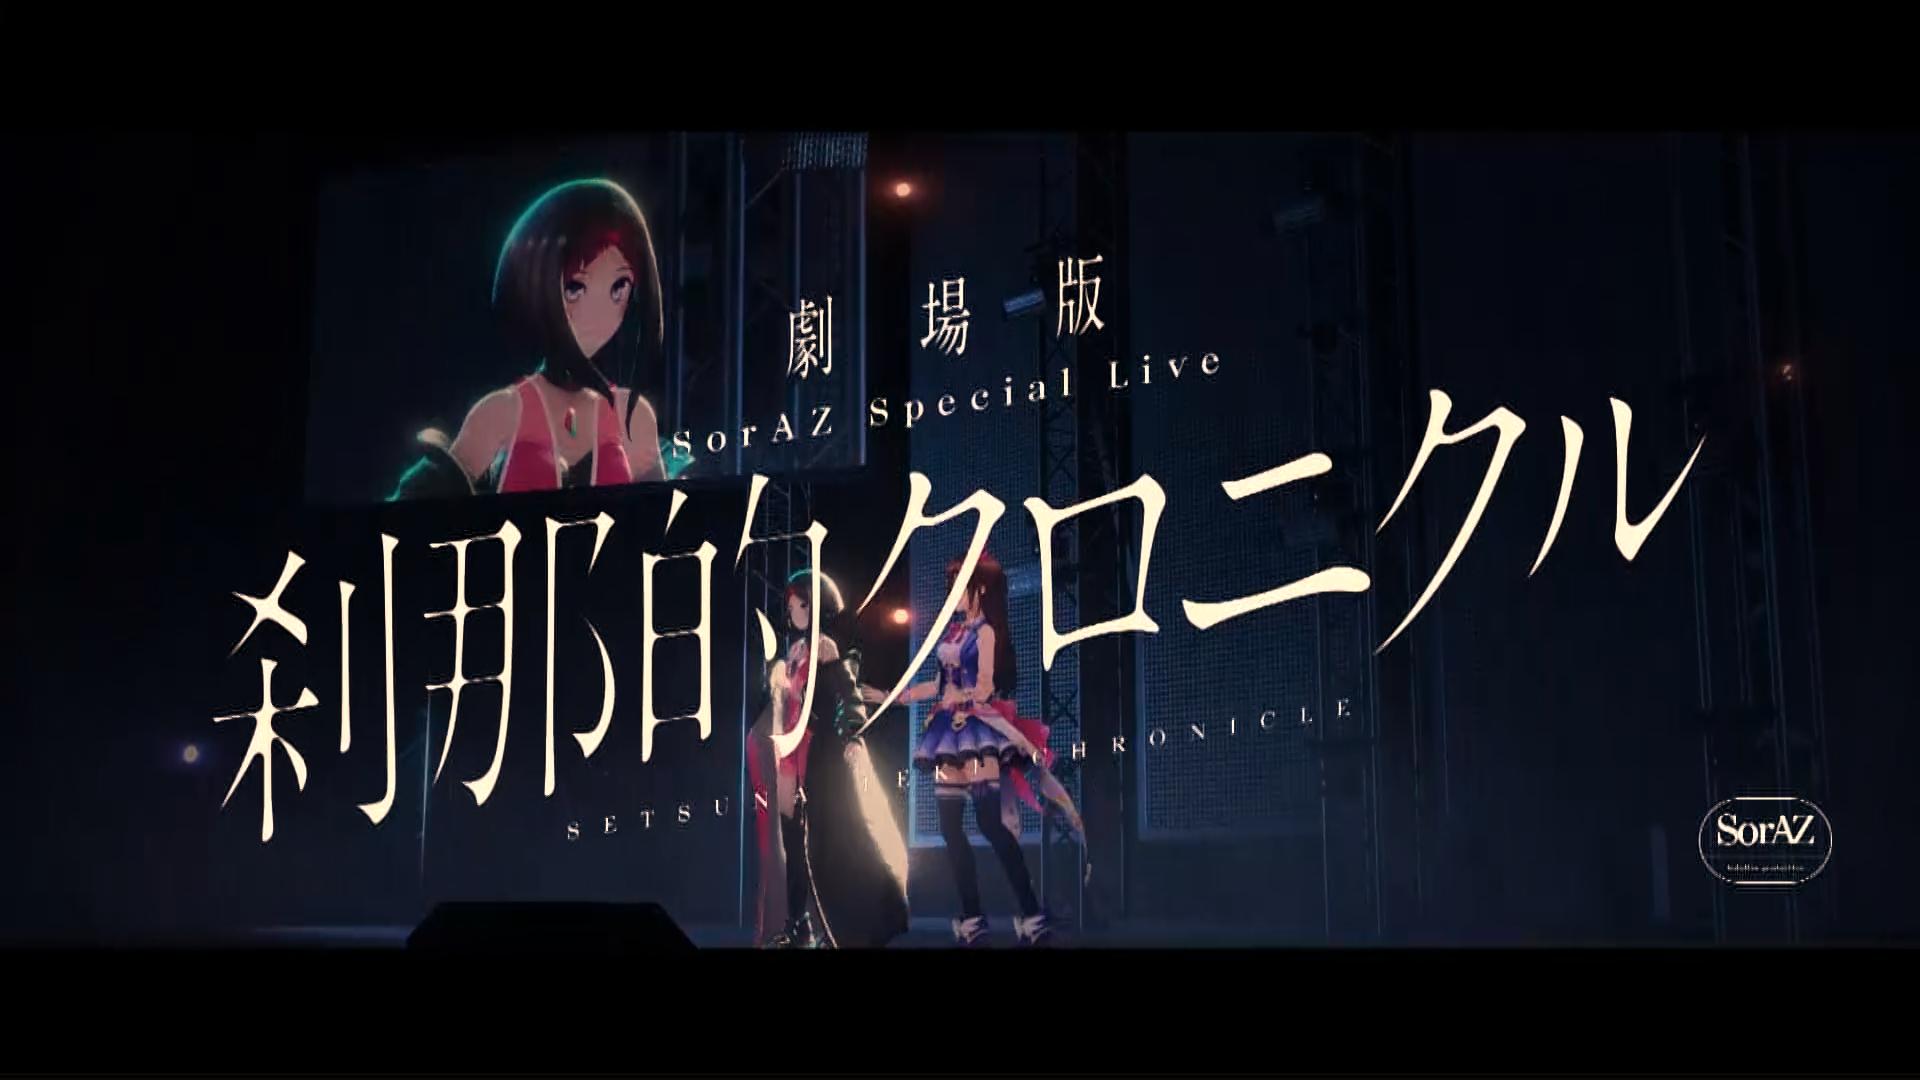 ときのそら・AZKi、2人の親和性が生み出した劇場版ライブ「SorAZ Special Live 刹那的クロニクル」<オフィシャルレポート>